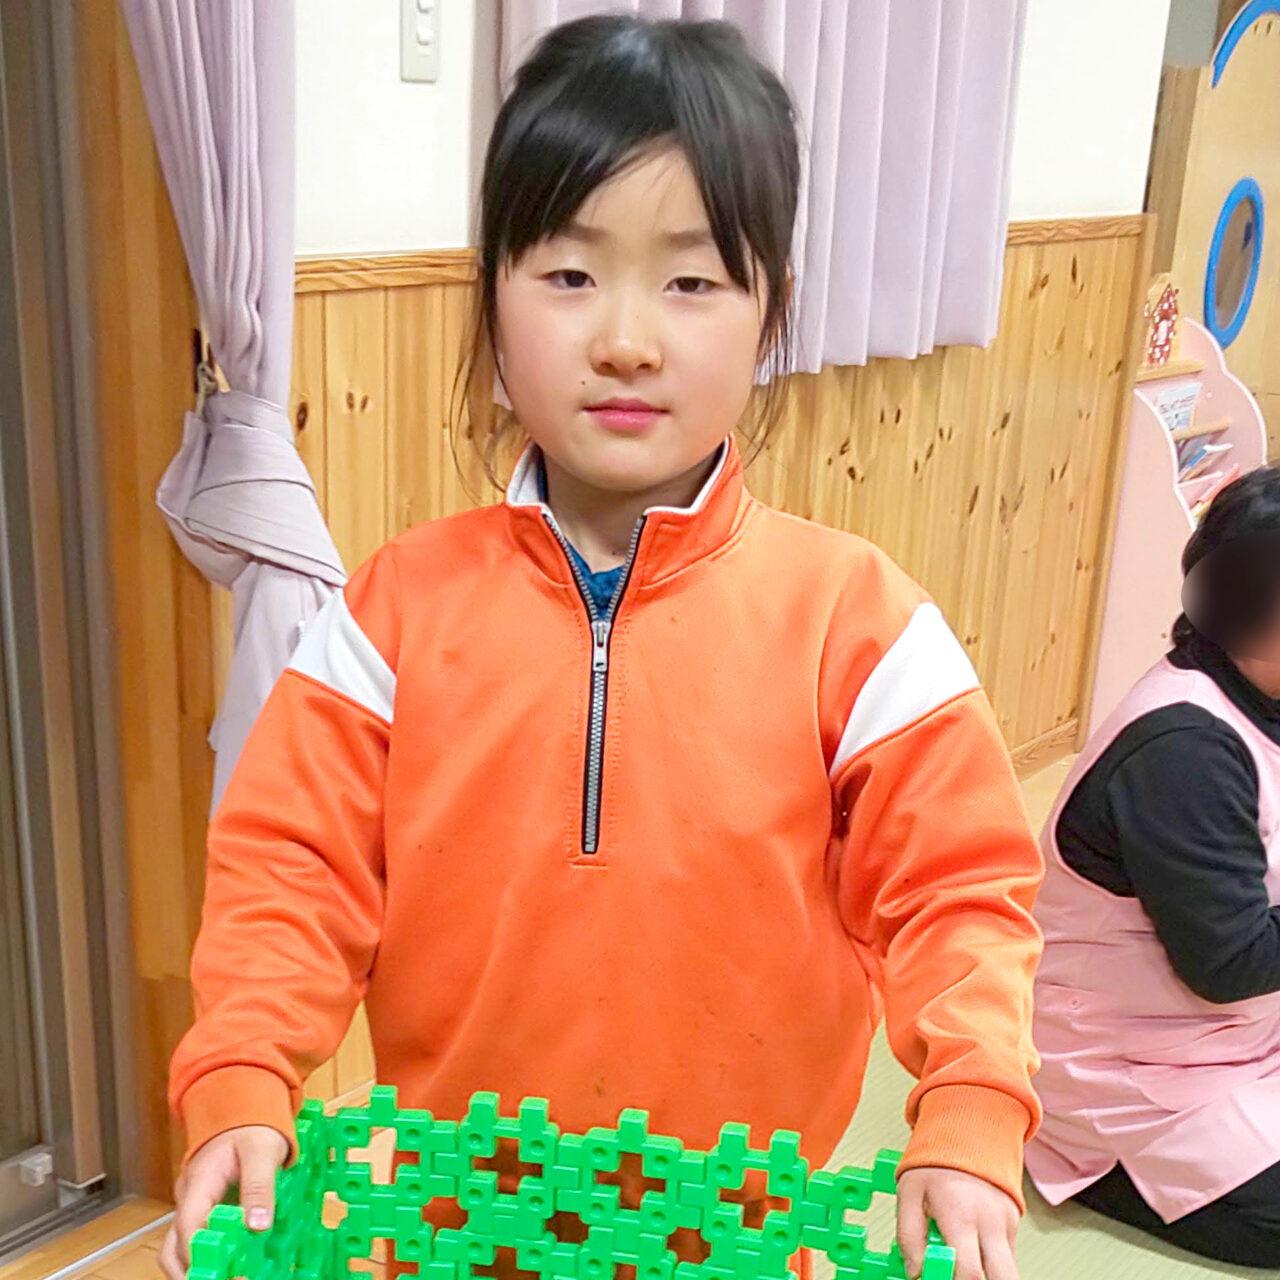 オレンジのジャージを着ておもちゃを抱える小倉美咲(小学三年生)。